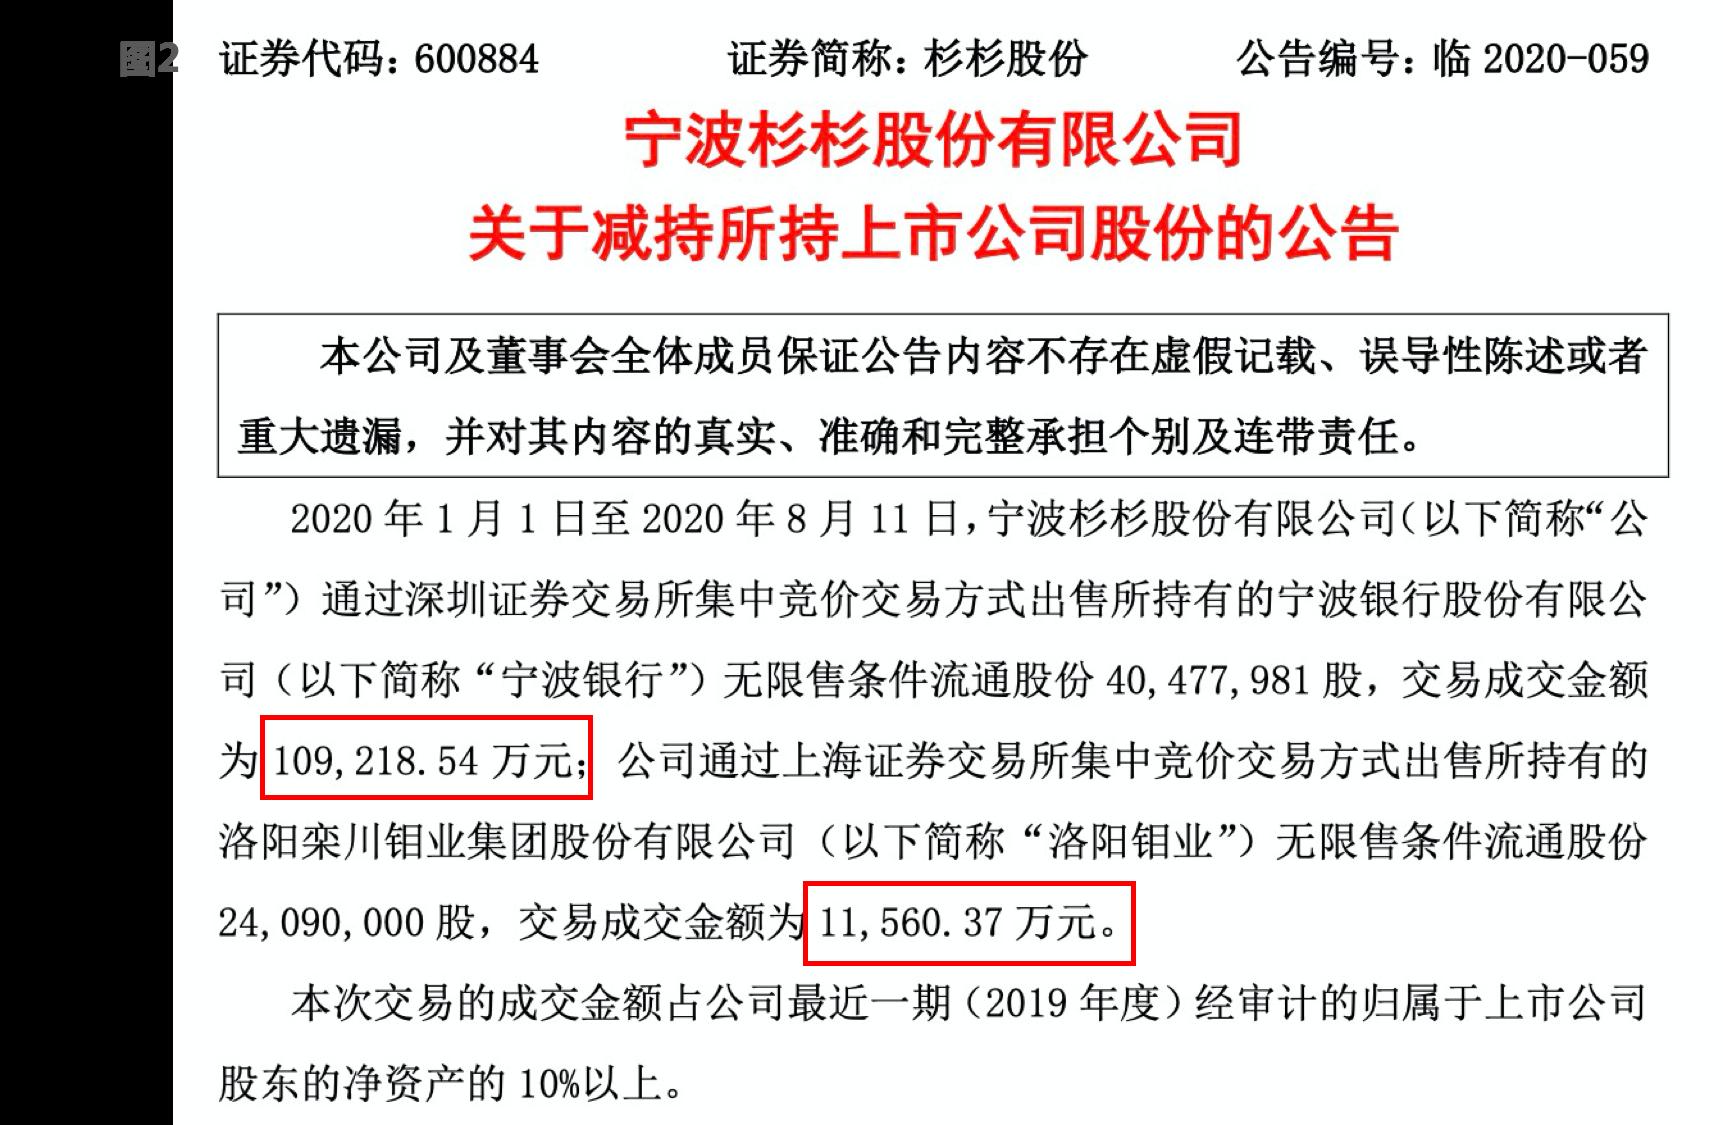 奇億平臺代理:杉杉股份欲55億收購韓企資產 資金承壓被迫減持定增